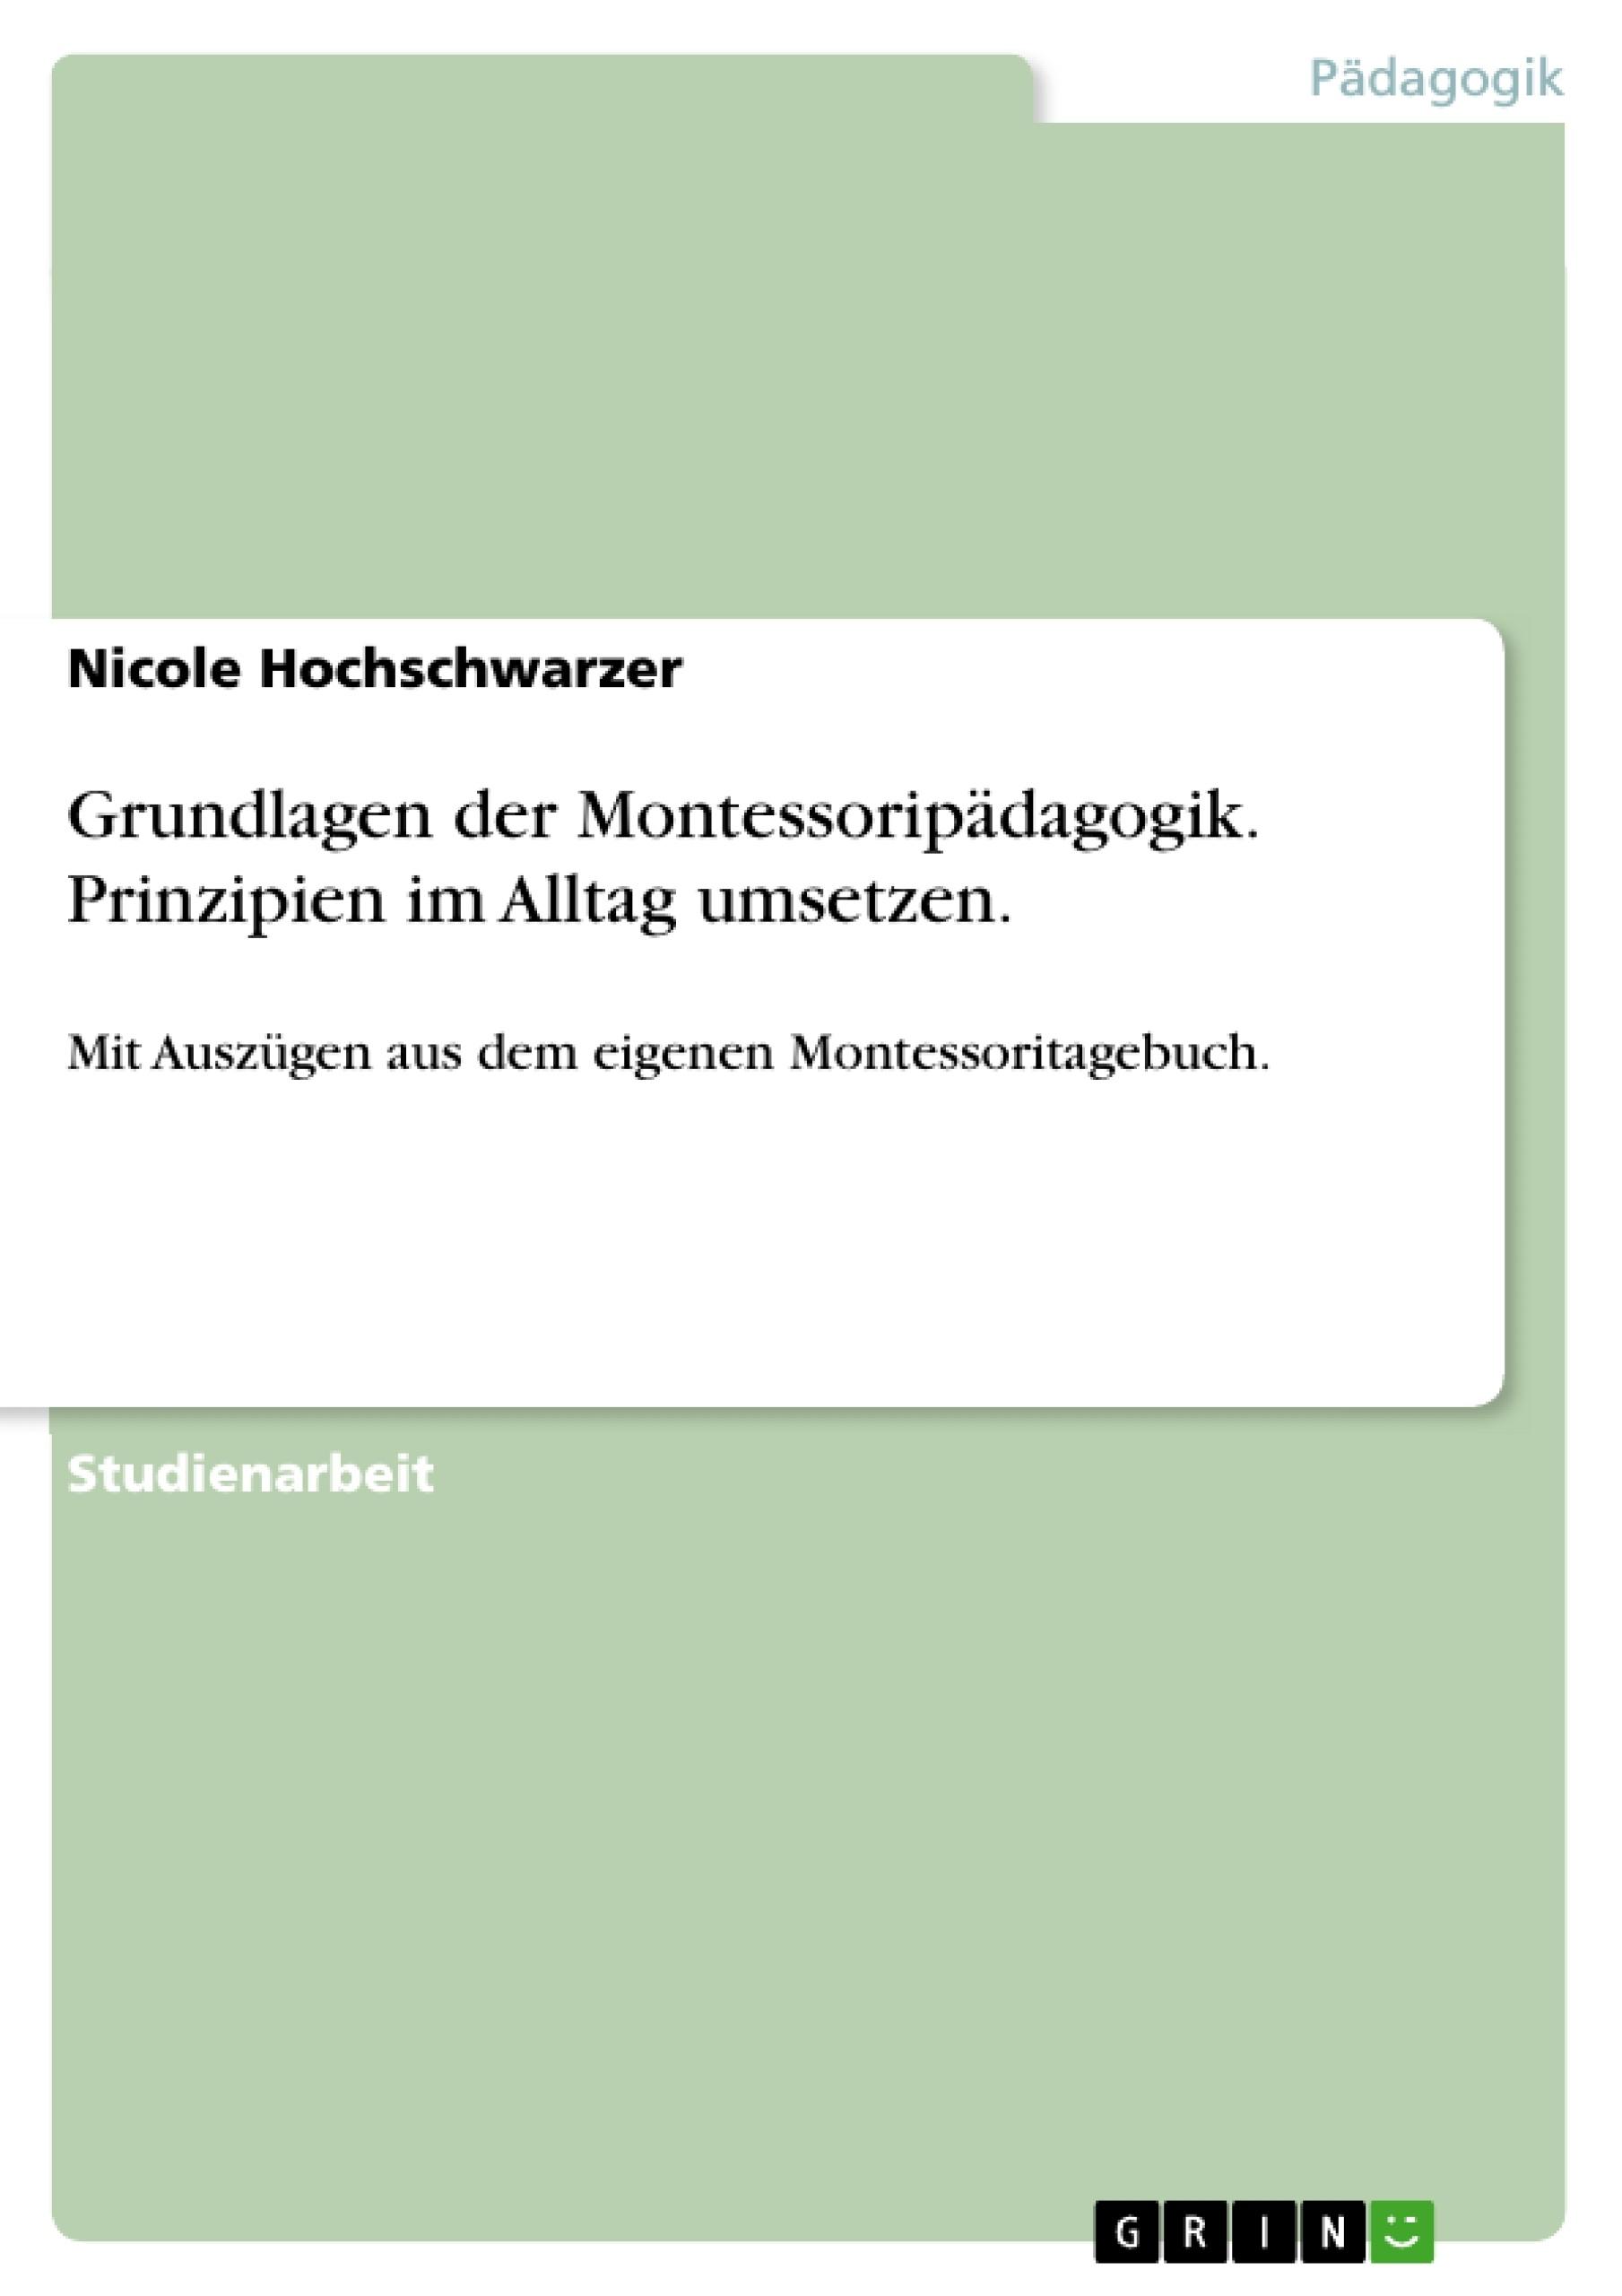 Titel: Grundlagen der Montessoripädagogik. Prinzipien im Alltag umsetzen.